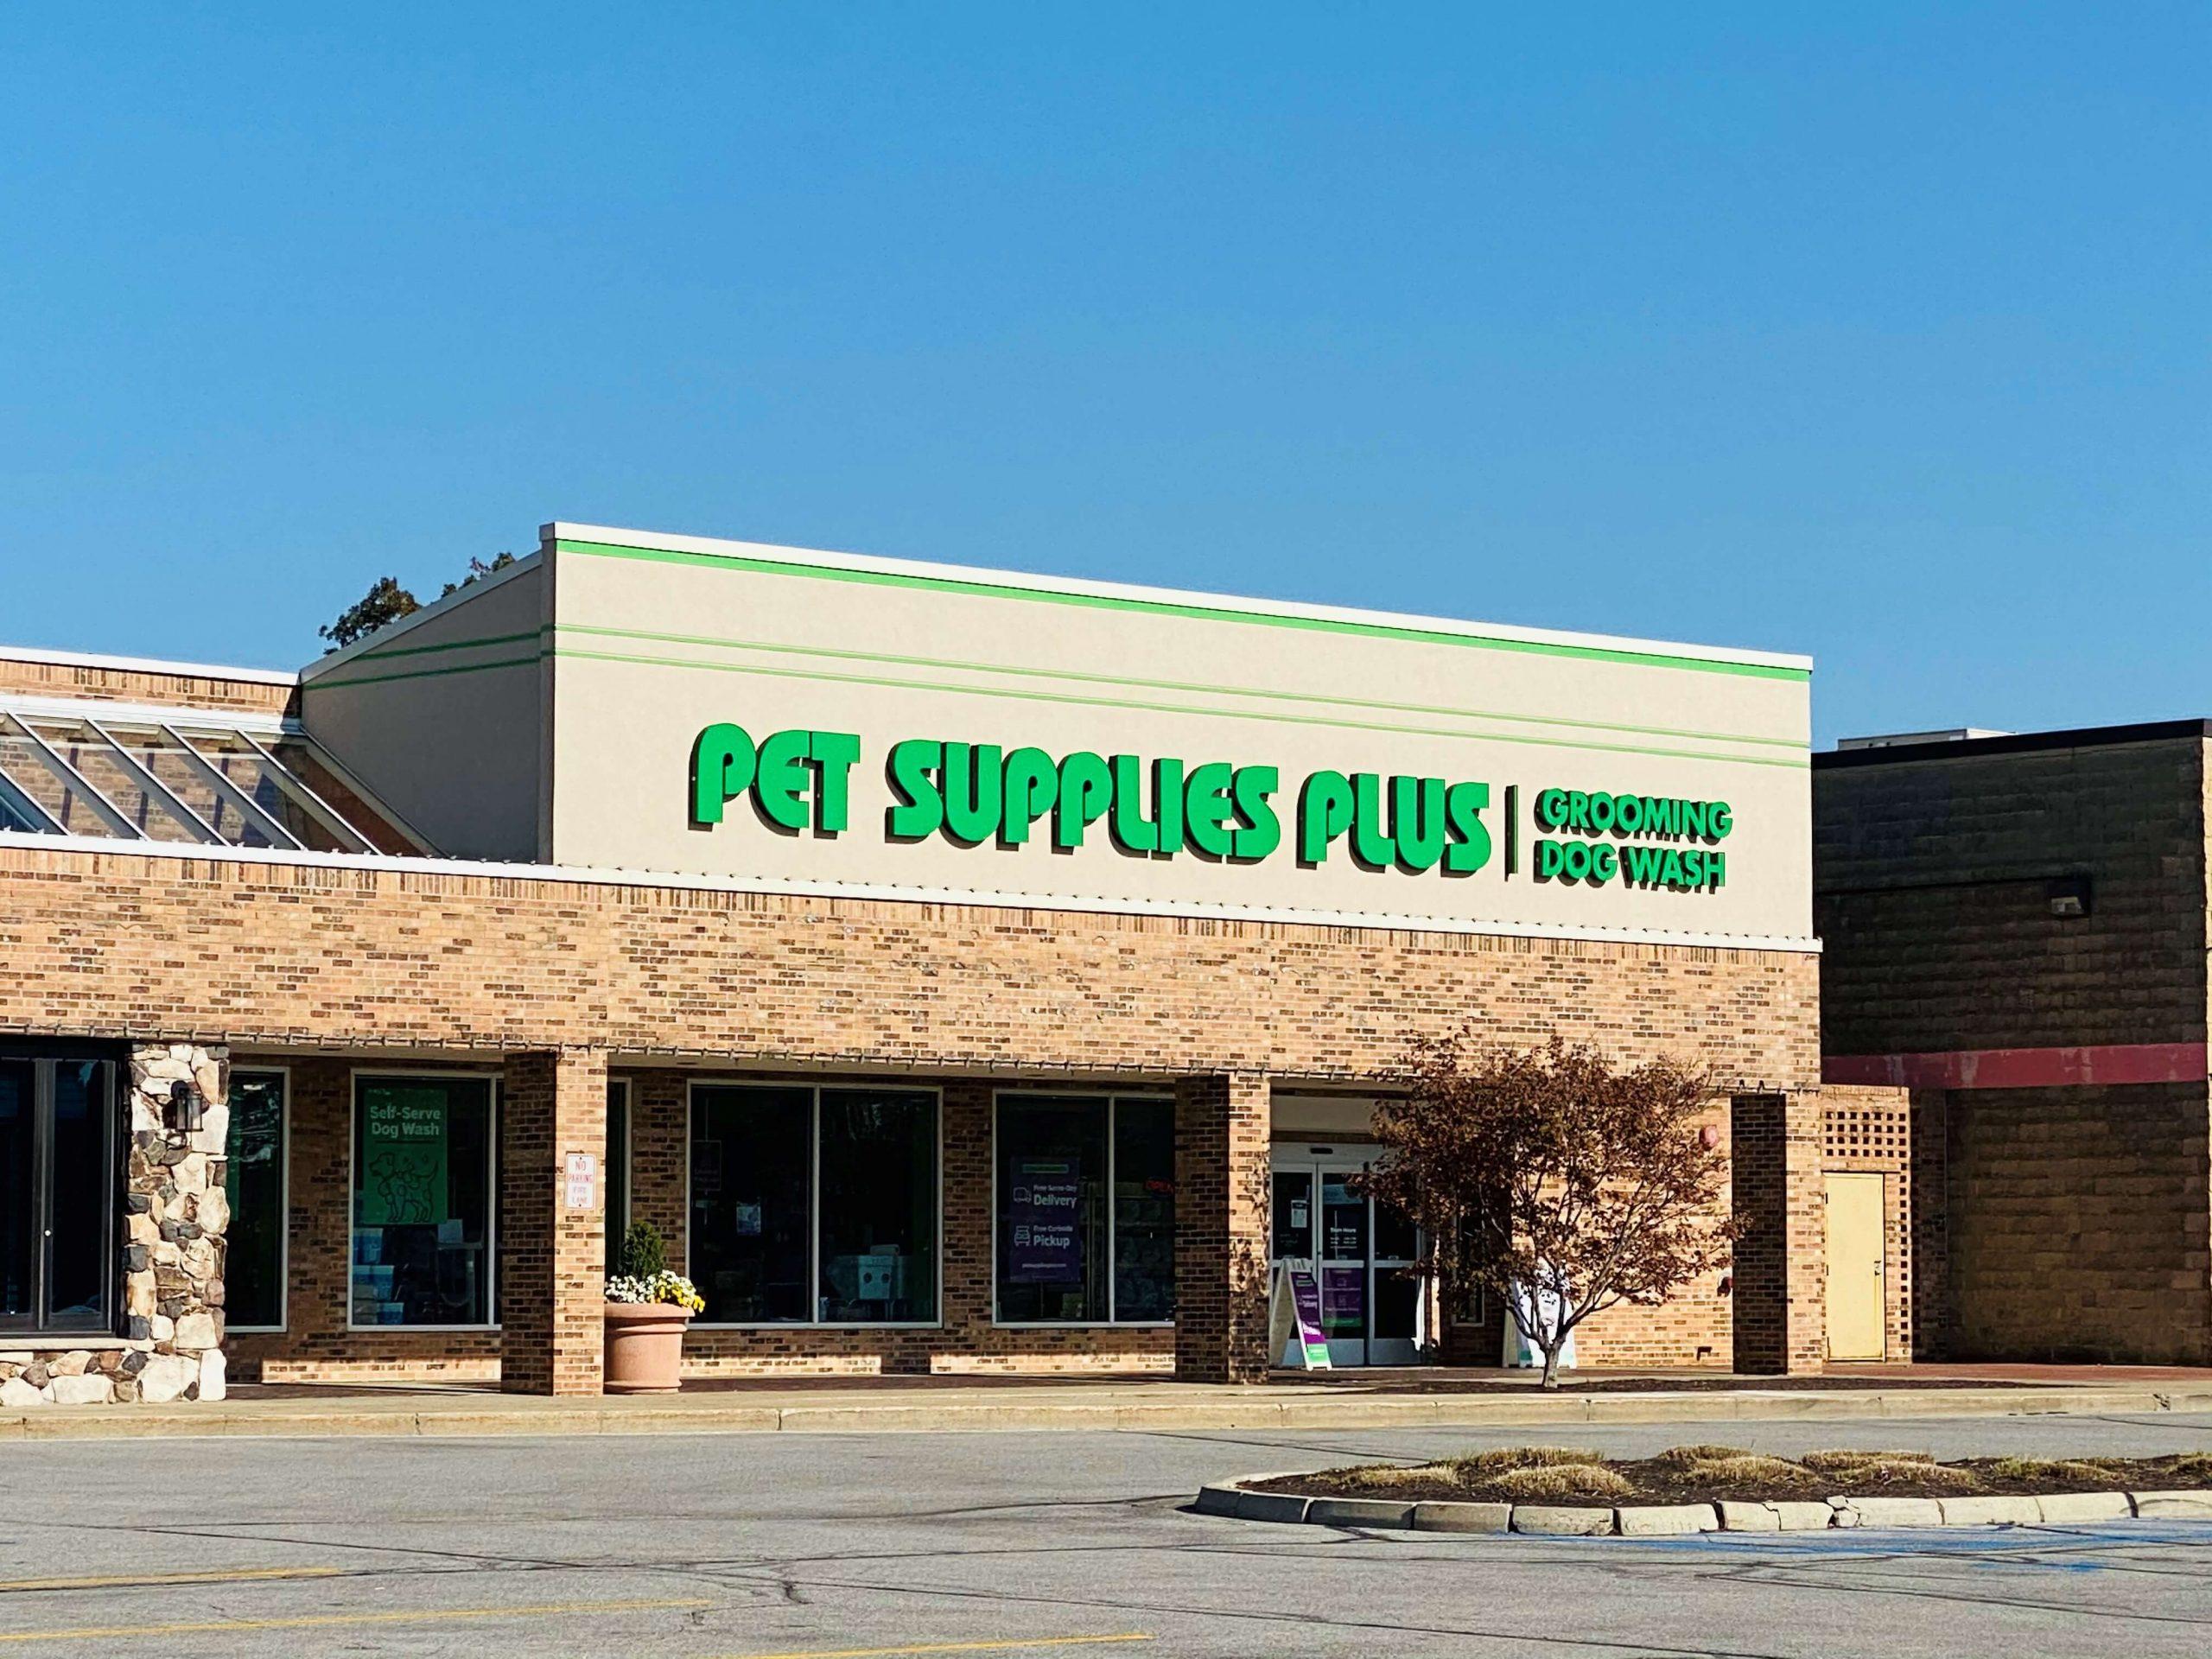 Covington Pet Supplies Plus